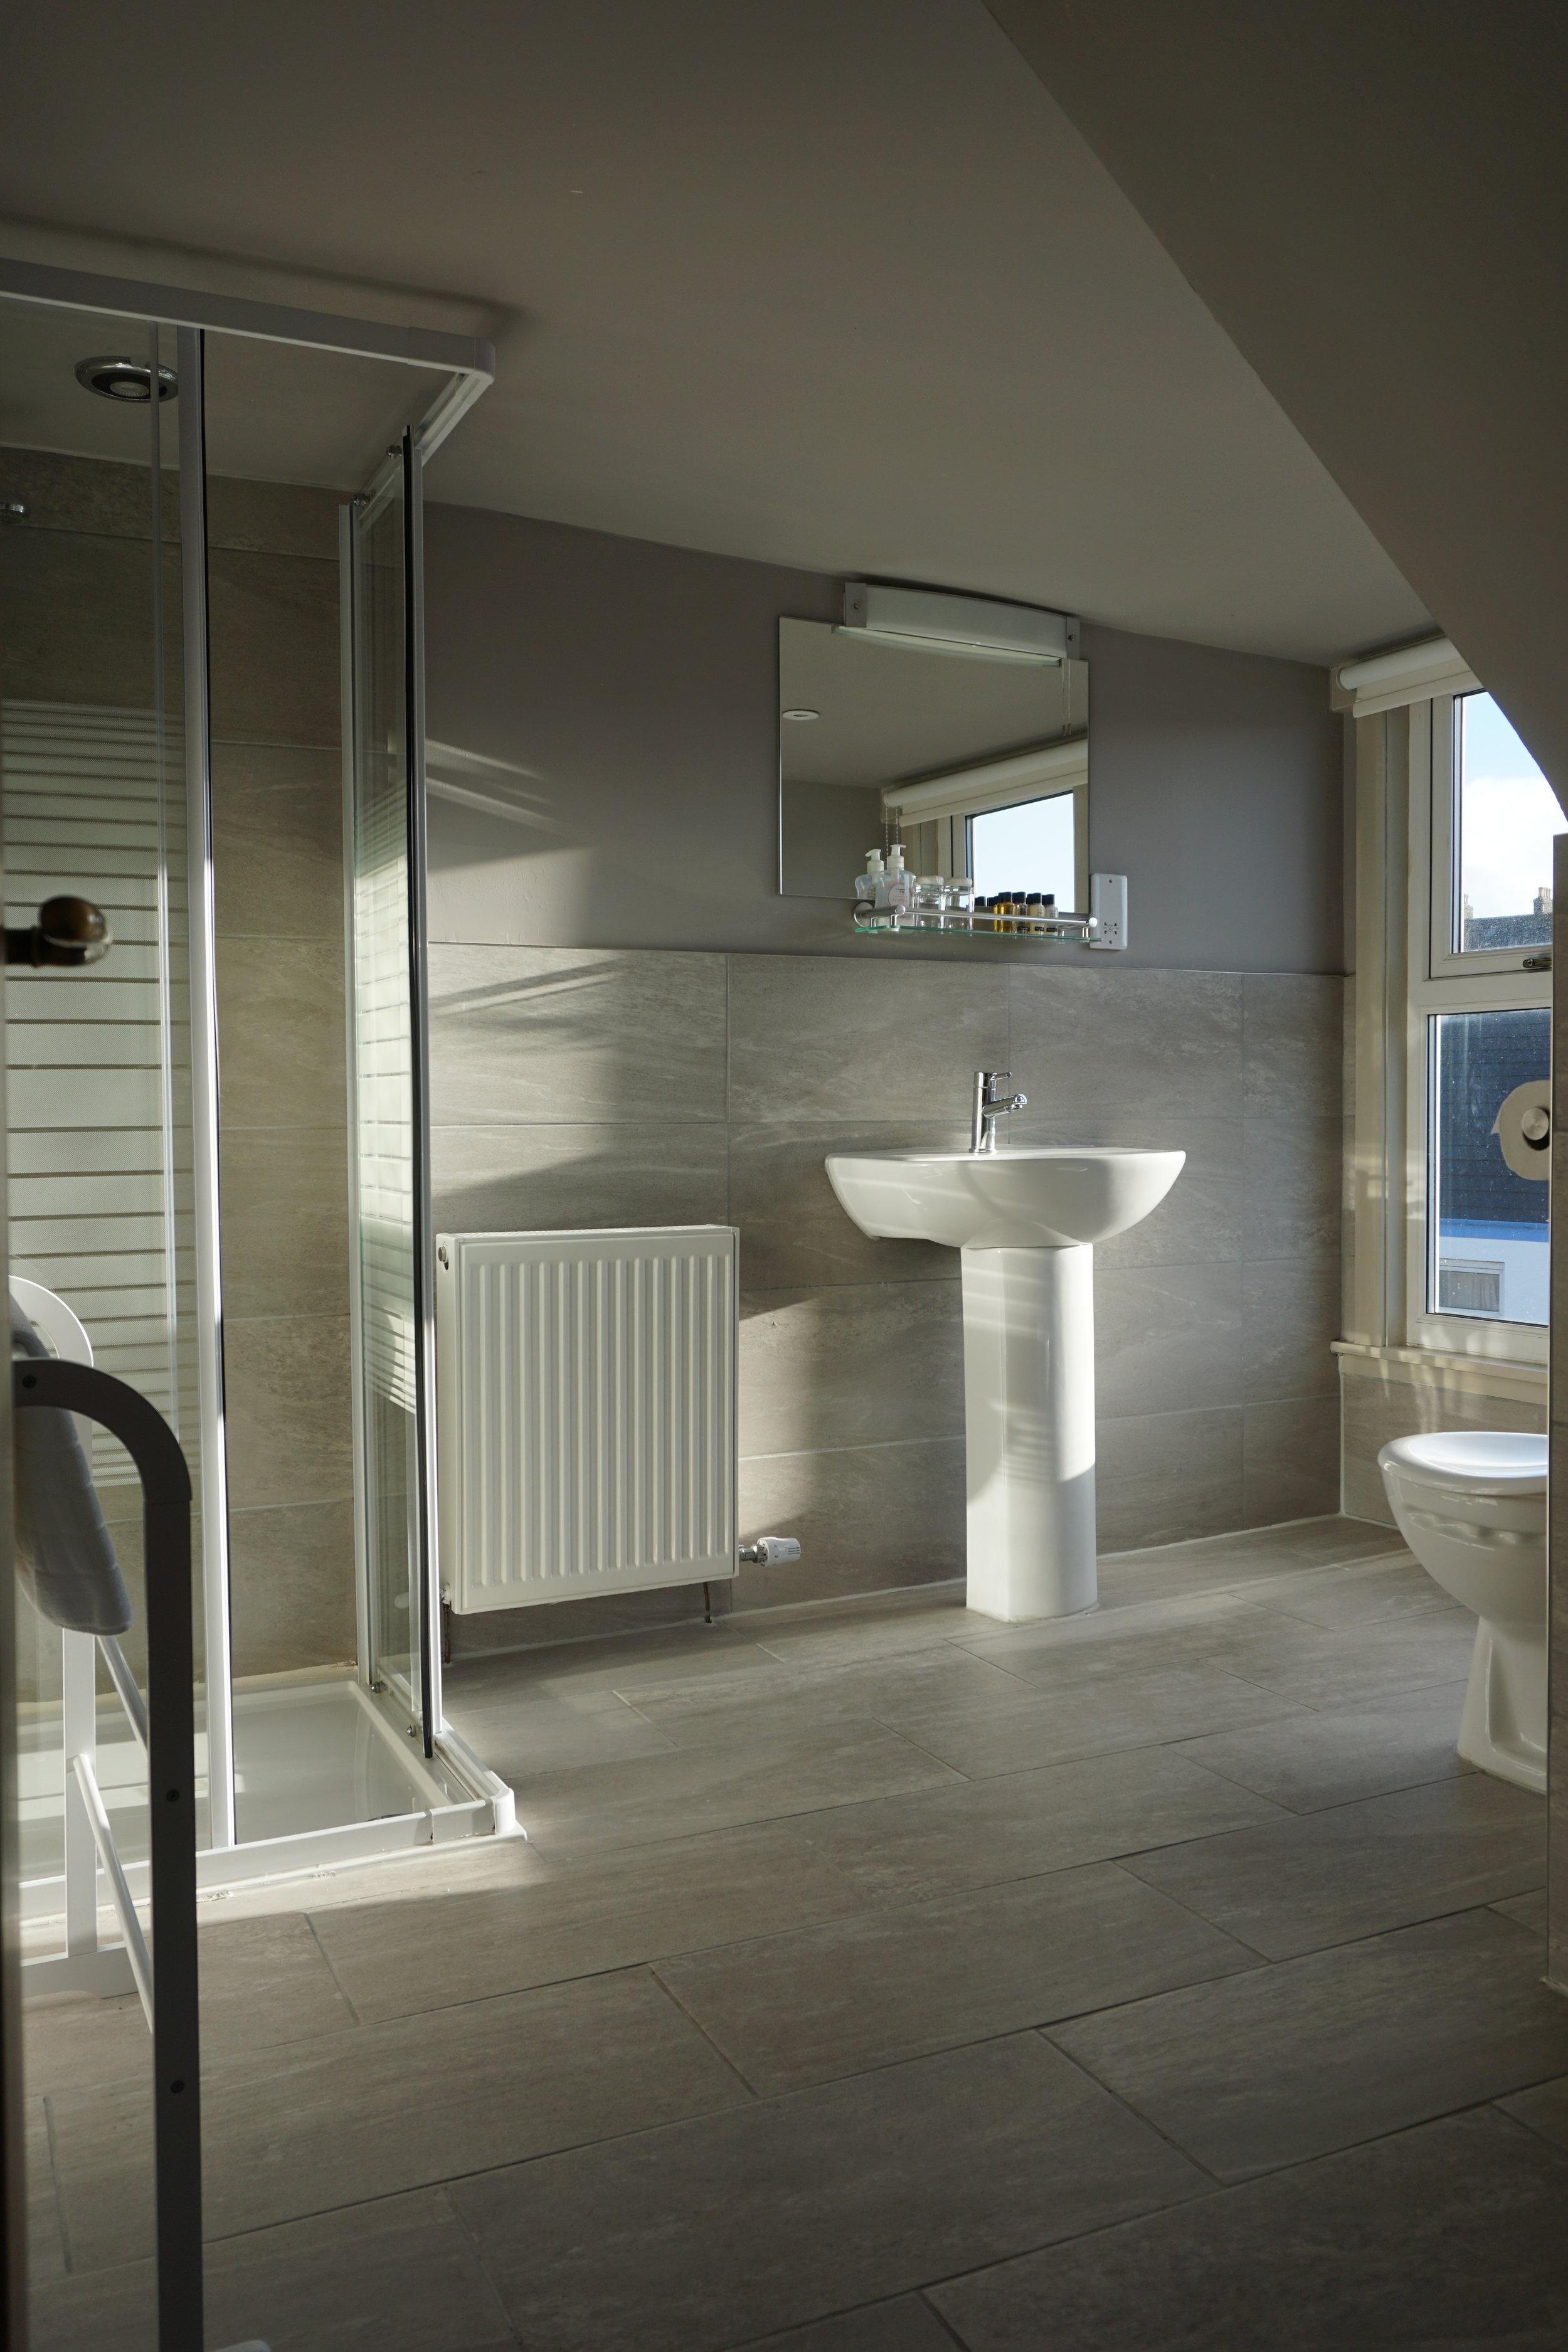 Rm 11 - Bathroom.JPG